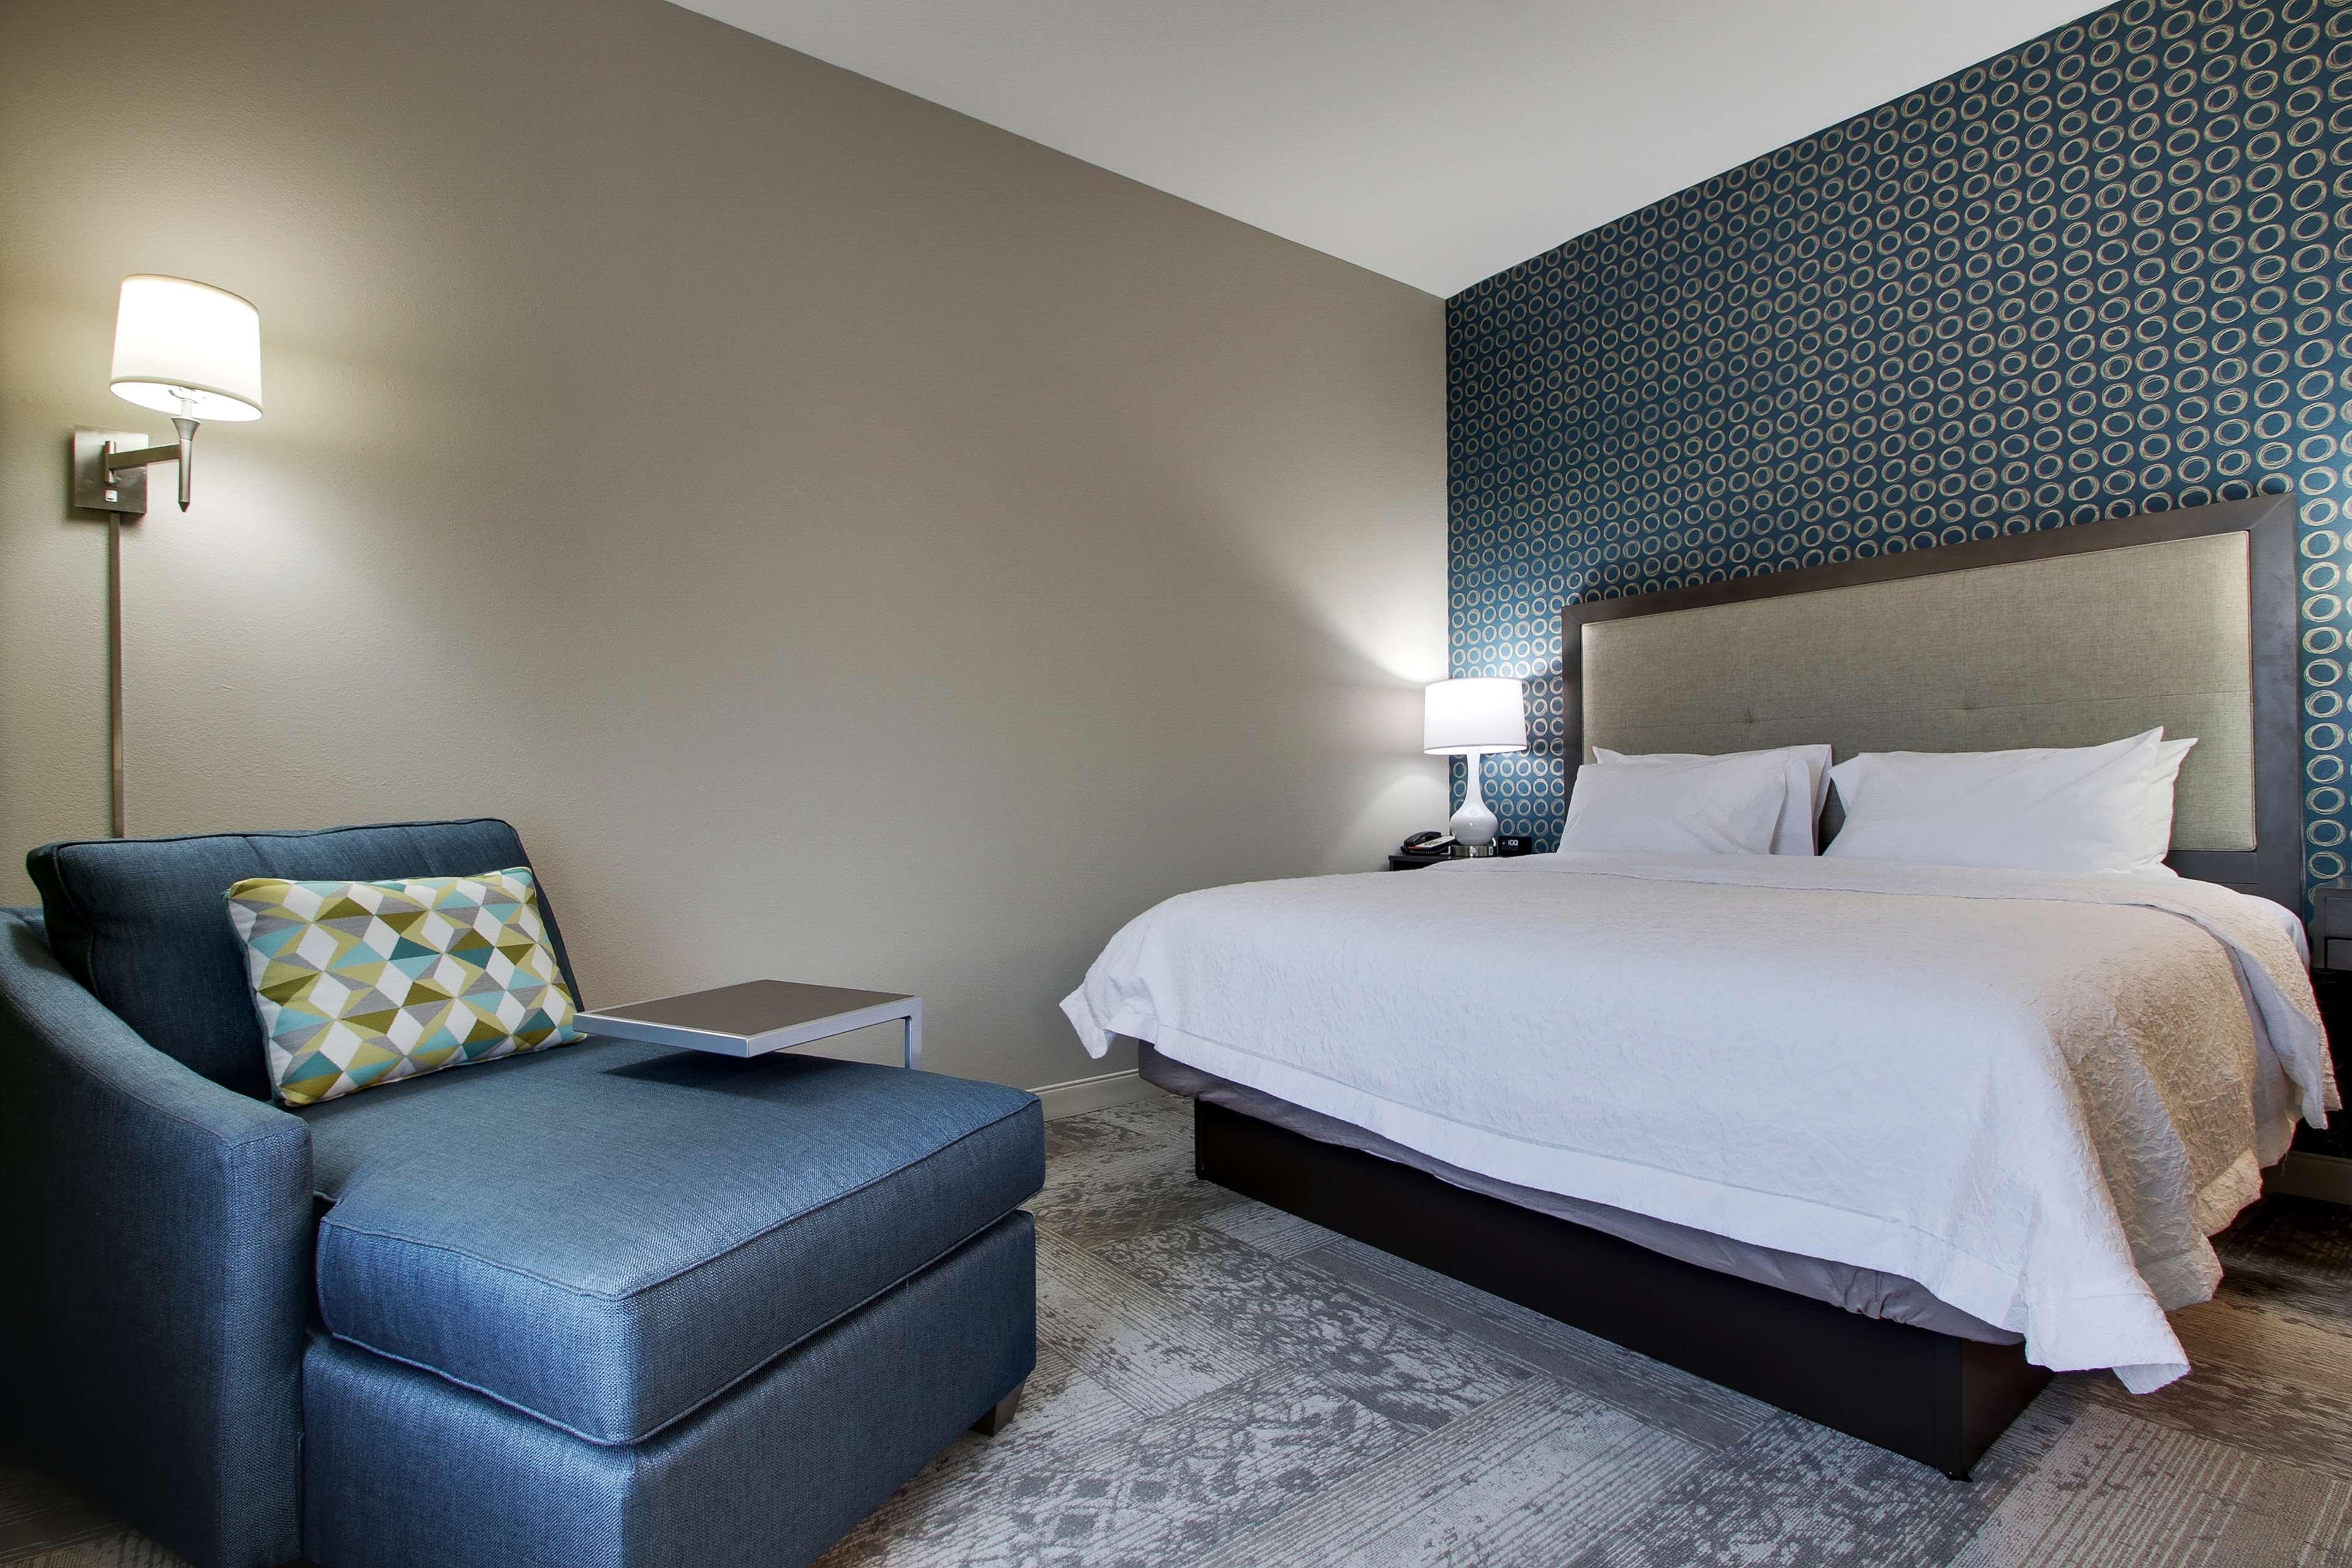 Hampton Inn & Suites Knightdale Raleigh image 33